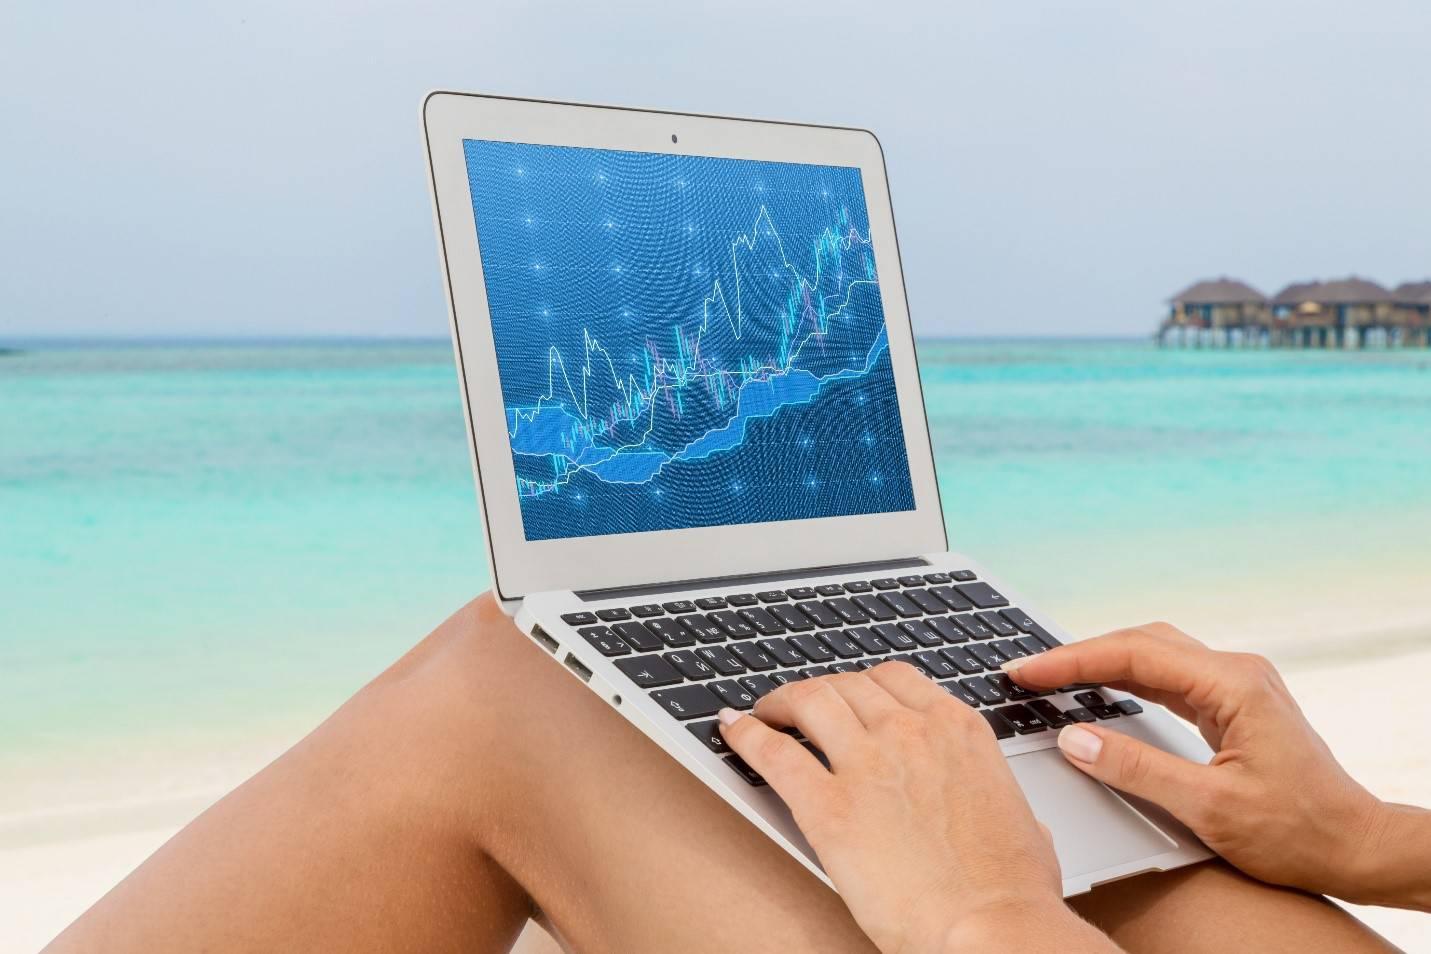 Da li biste zaradili ili izgubili novac na financijskom tržištu?